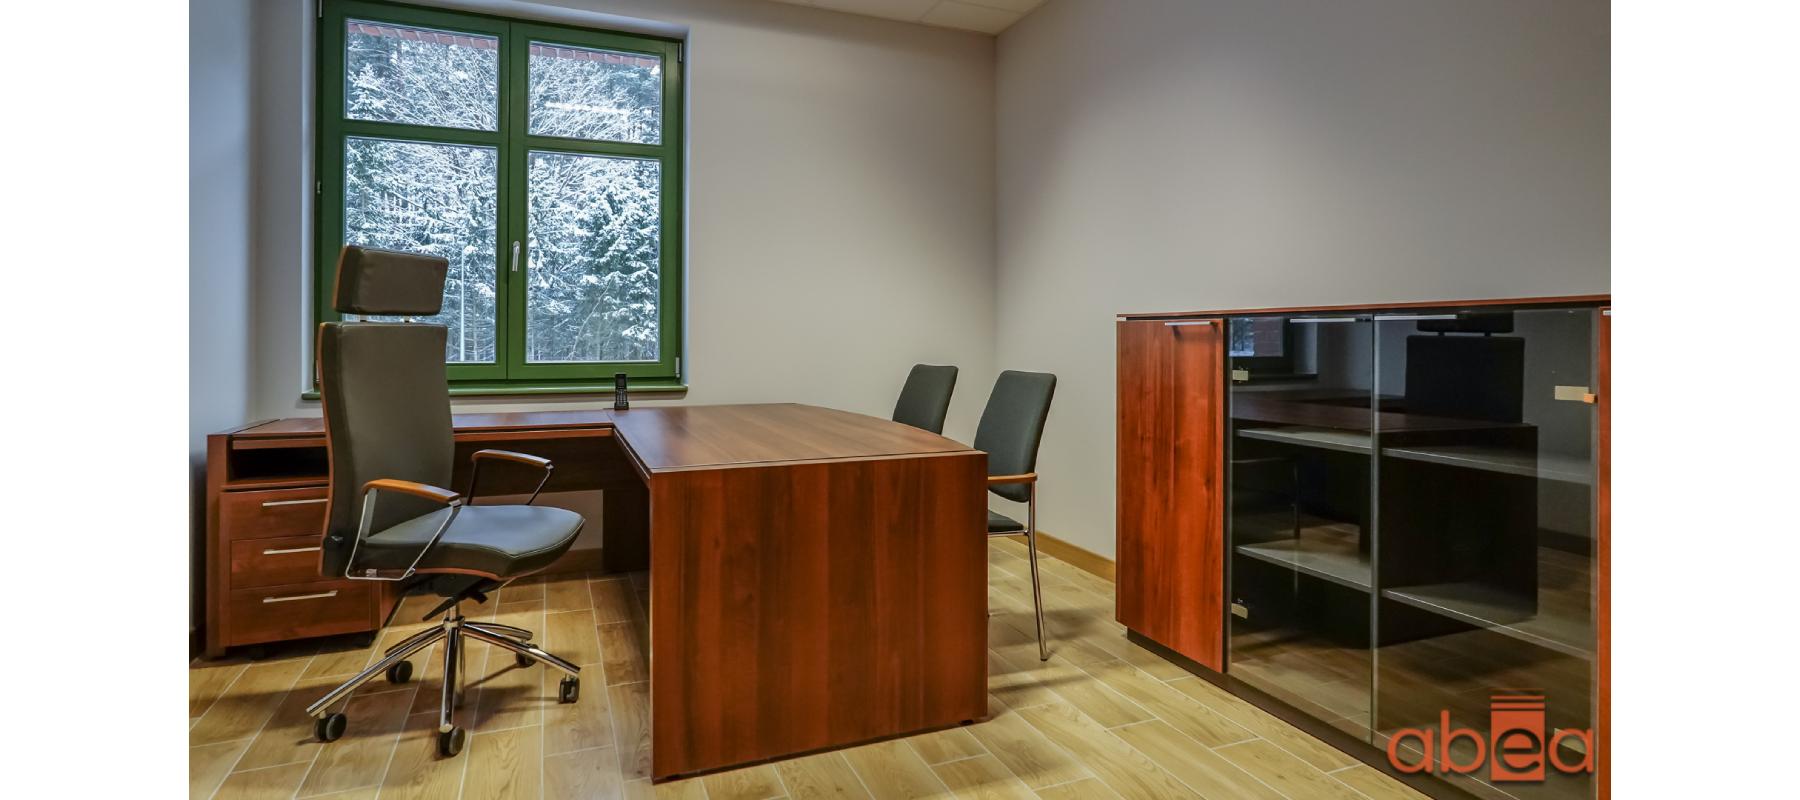 Aranżacja biura z białymi ścianami